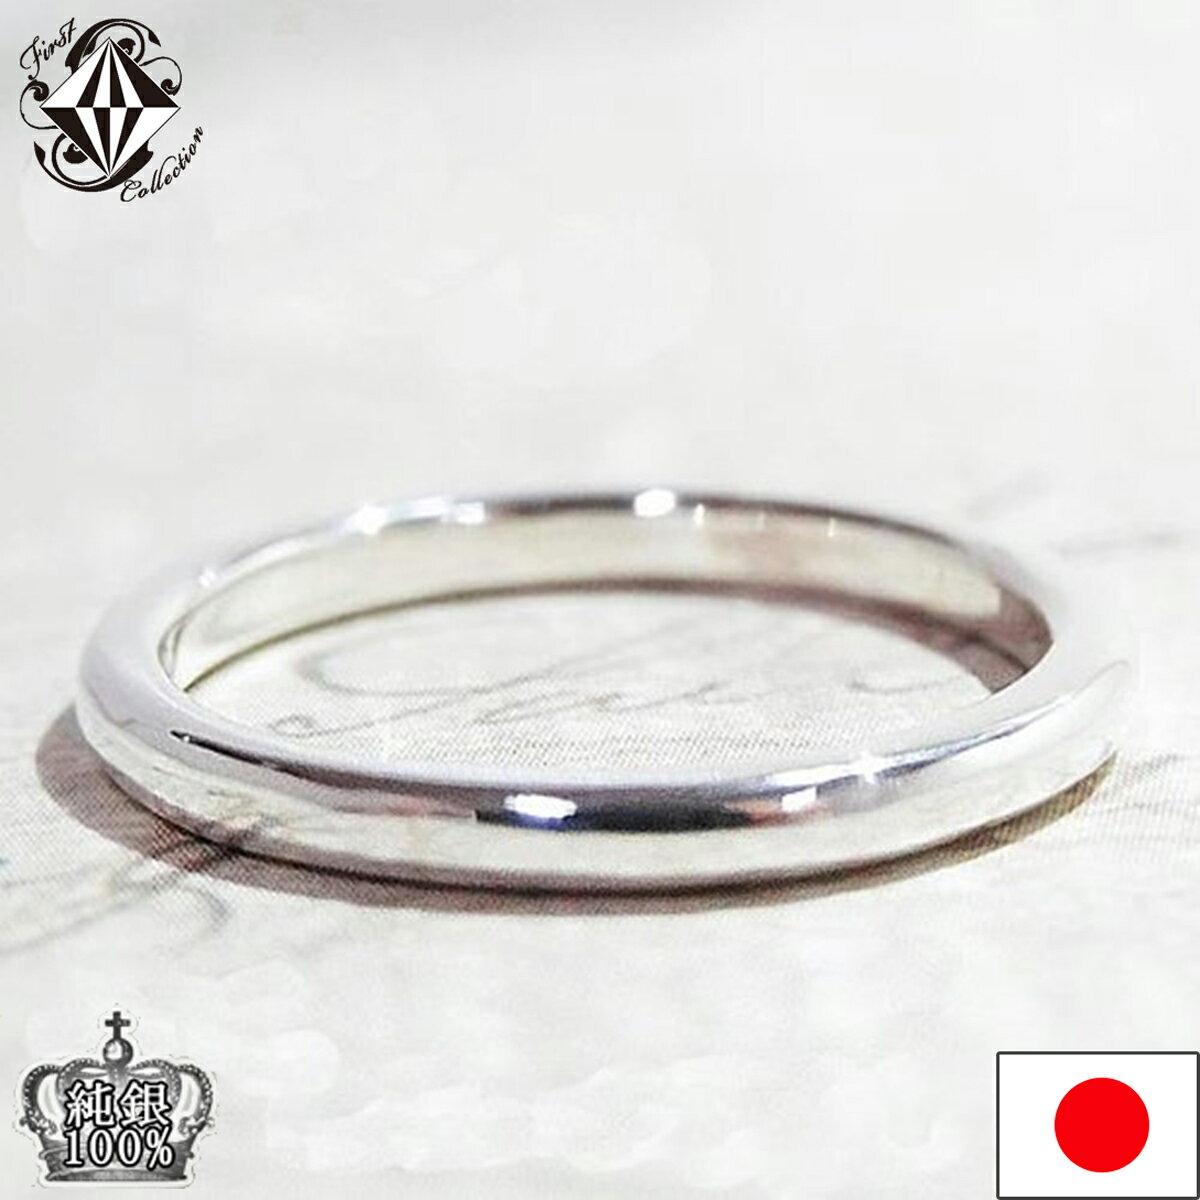 純銀 シルバー シンプル リング レディース メンズ 甲丸 指輪 刻印 SV1000 結婚【楽ギフ_包装】【楽ギフ_メッセ入力】【楽ギフ_名入れ】